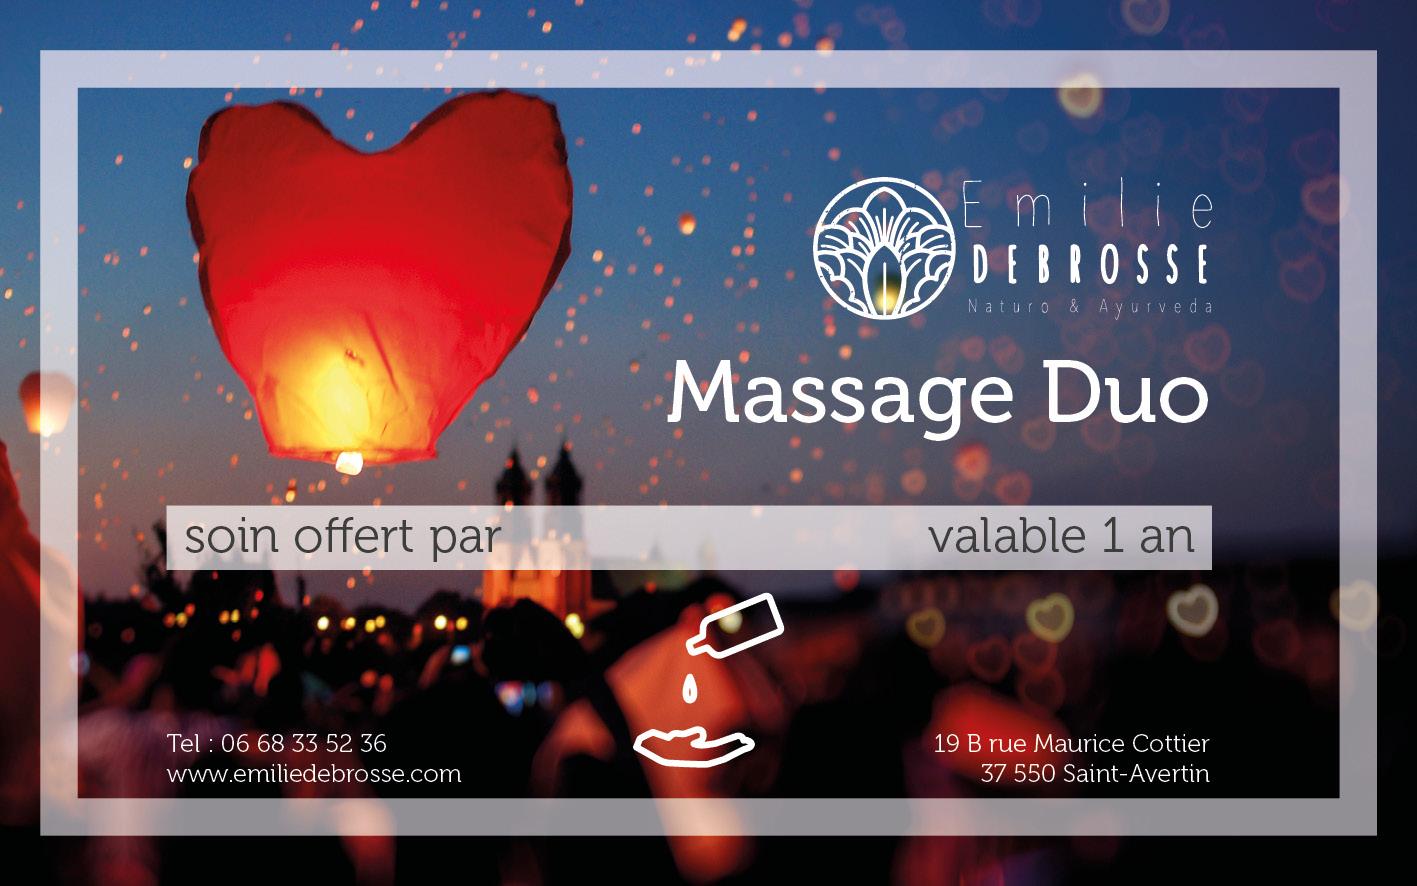 chèque cadeau massage duo